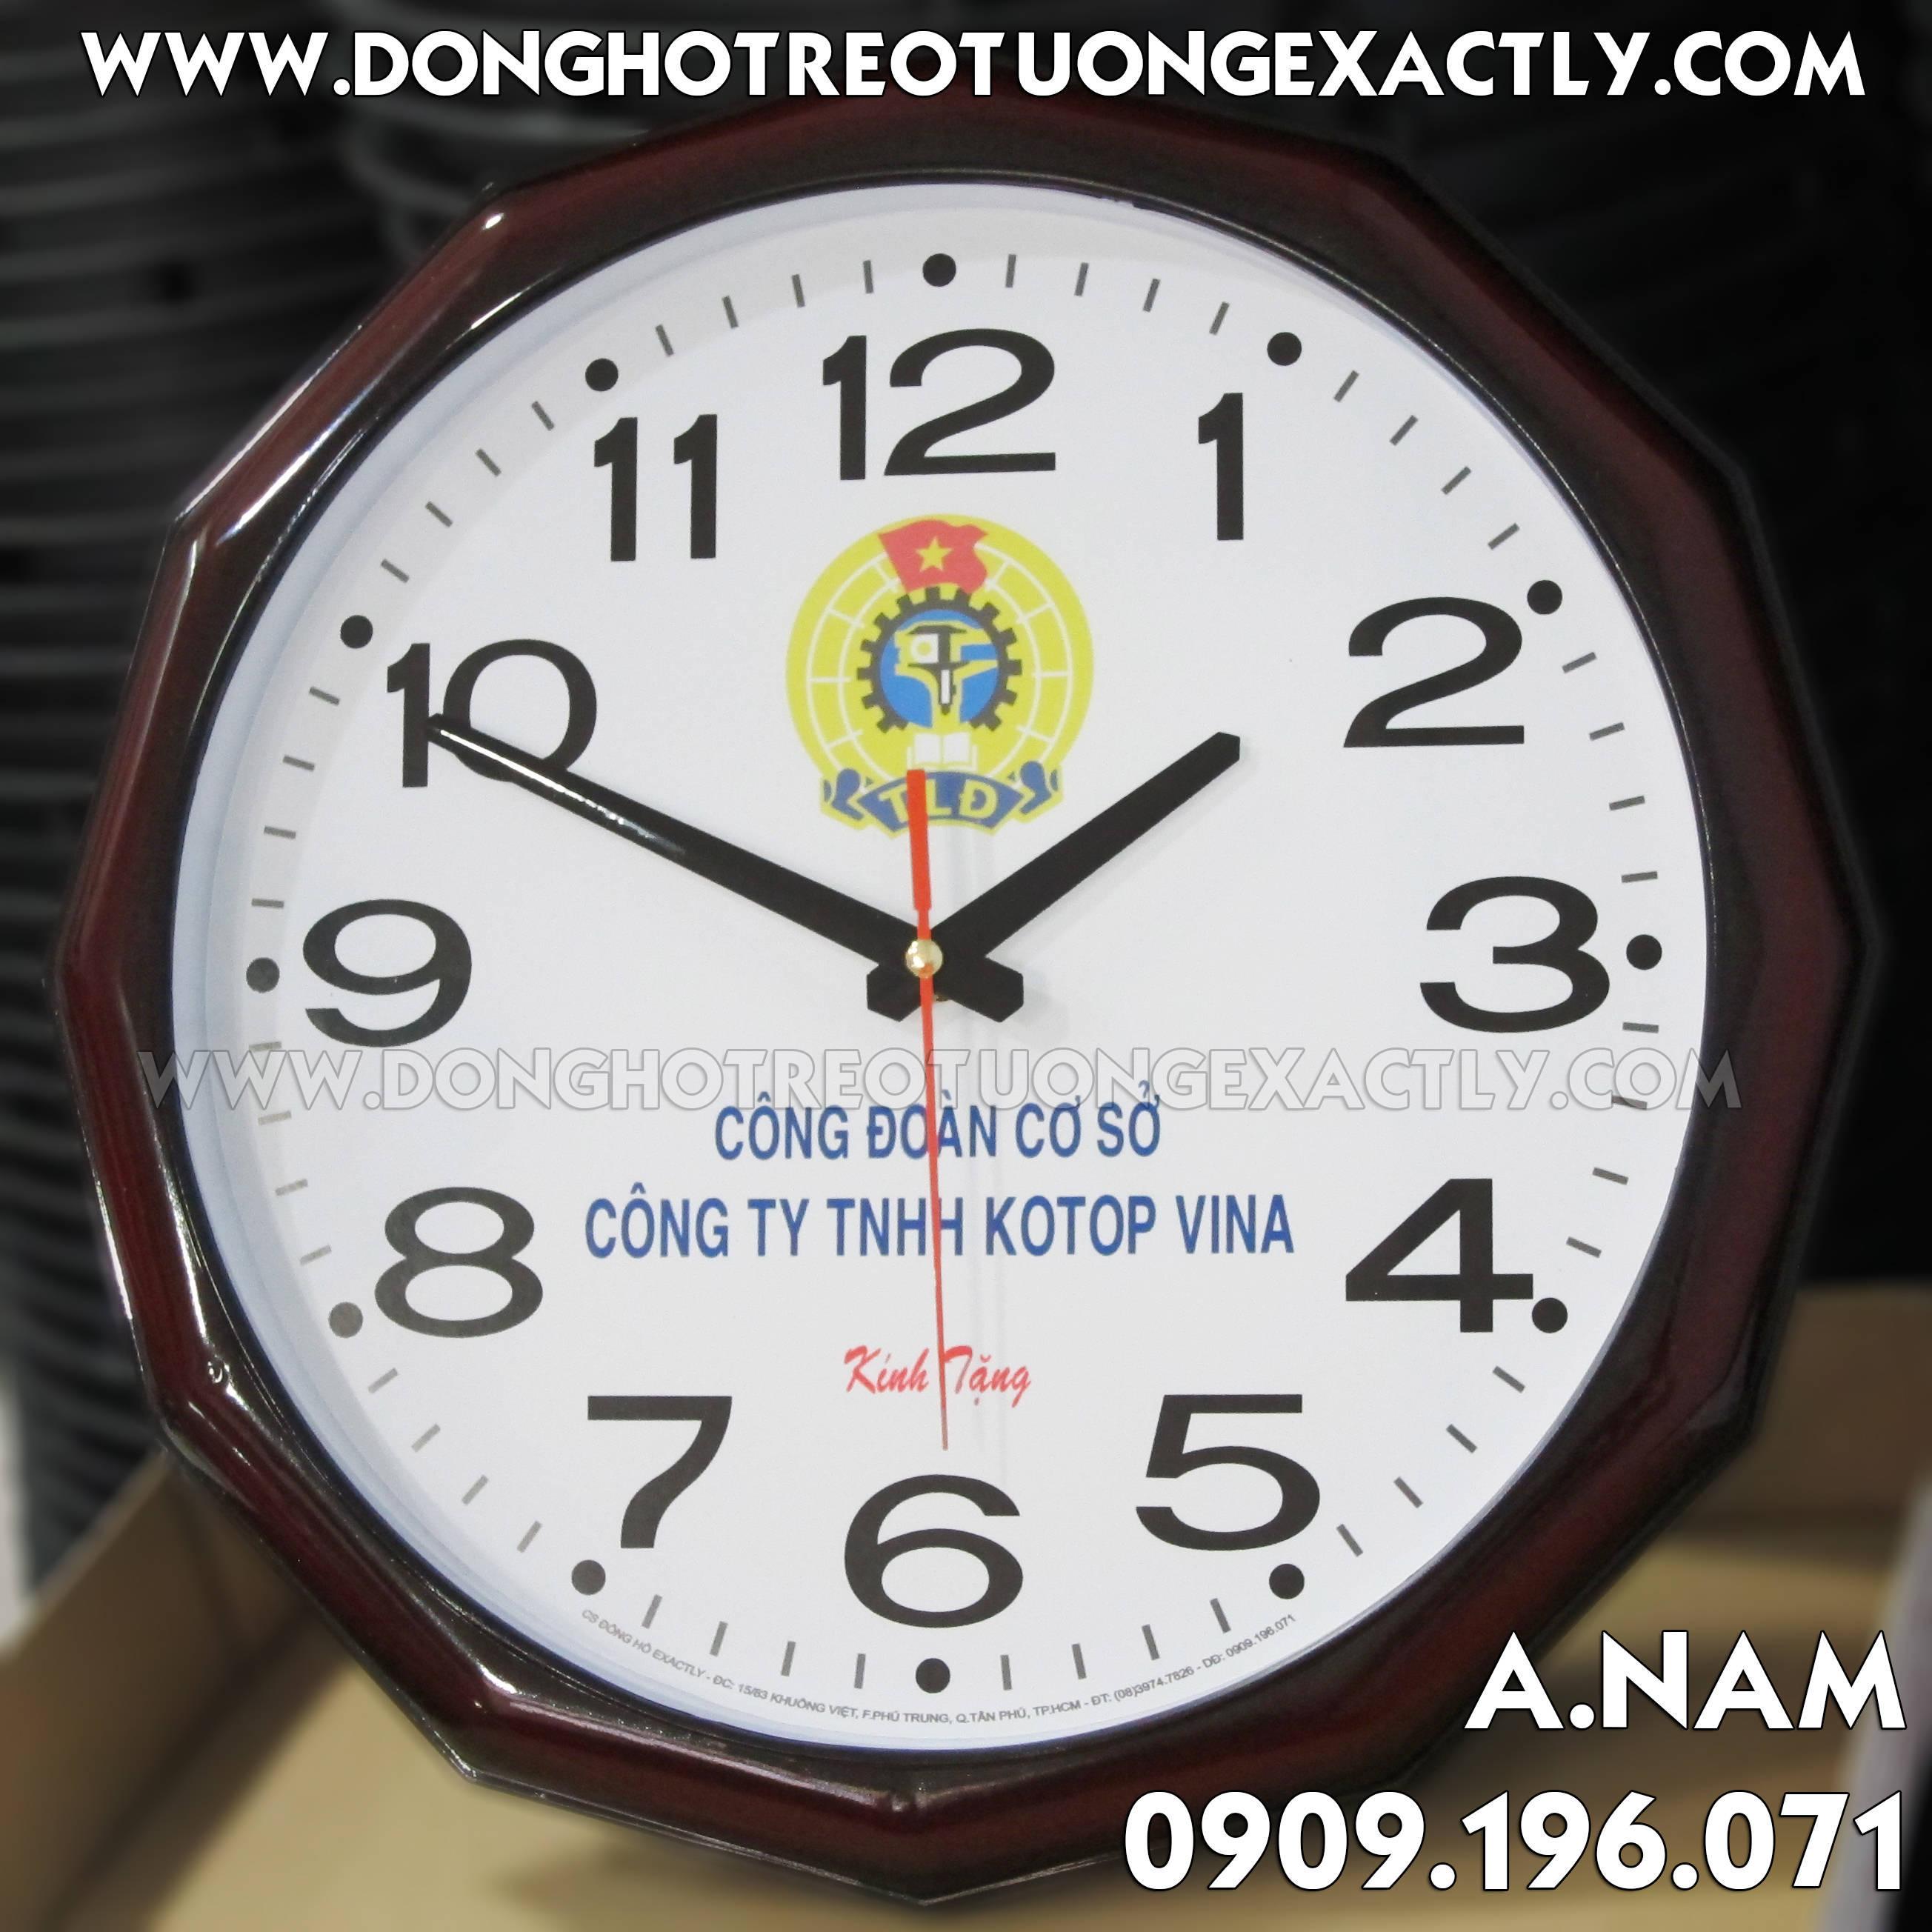 U200 Công Đoàn LOTOP VINA tặng đồng hồ treo tường kỷ niệm